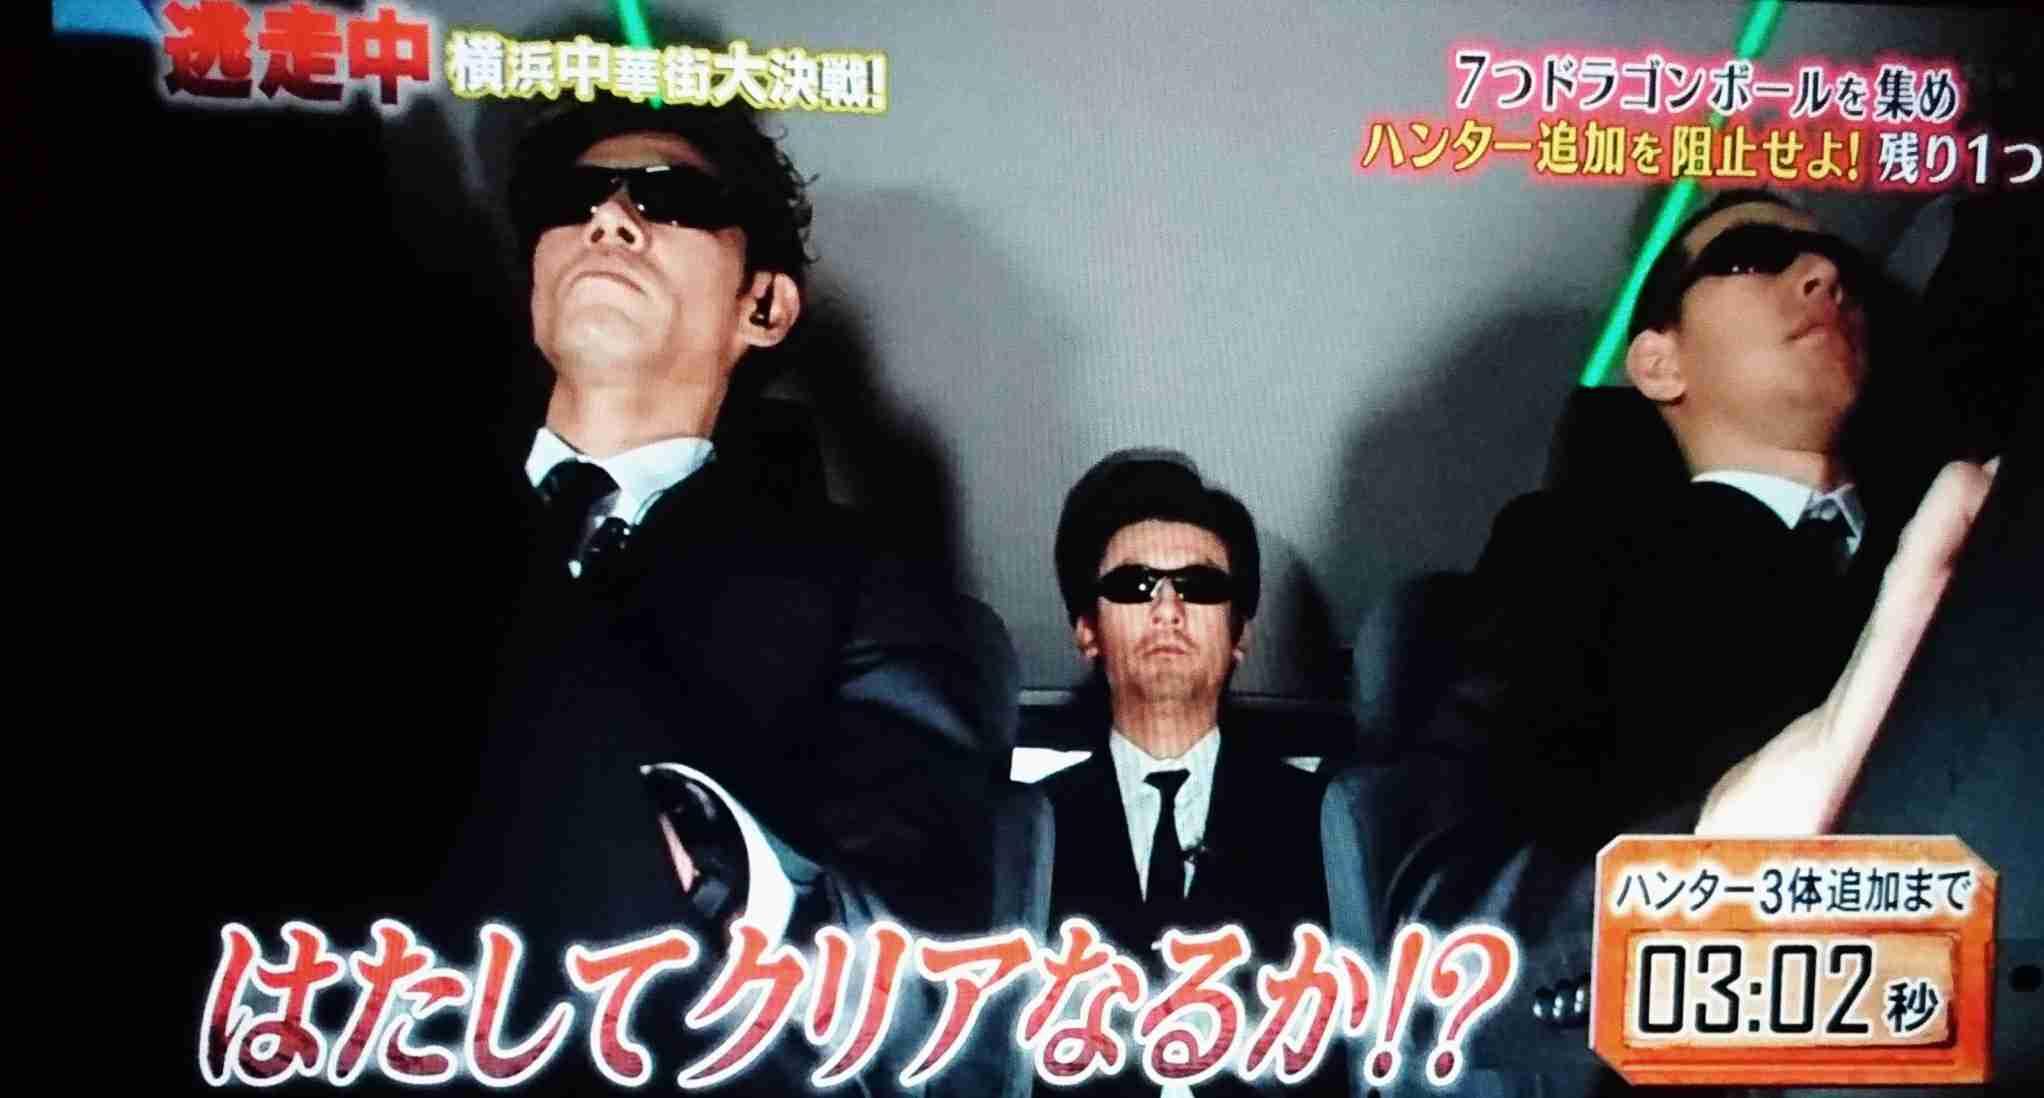 [実況&感想]逃走中~ドラゴンボール超SP横浜中華街大決戦~